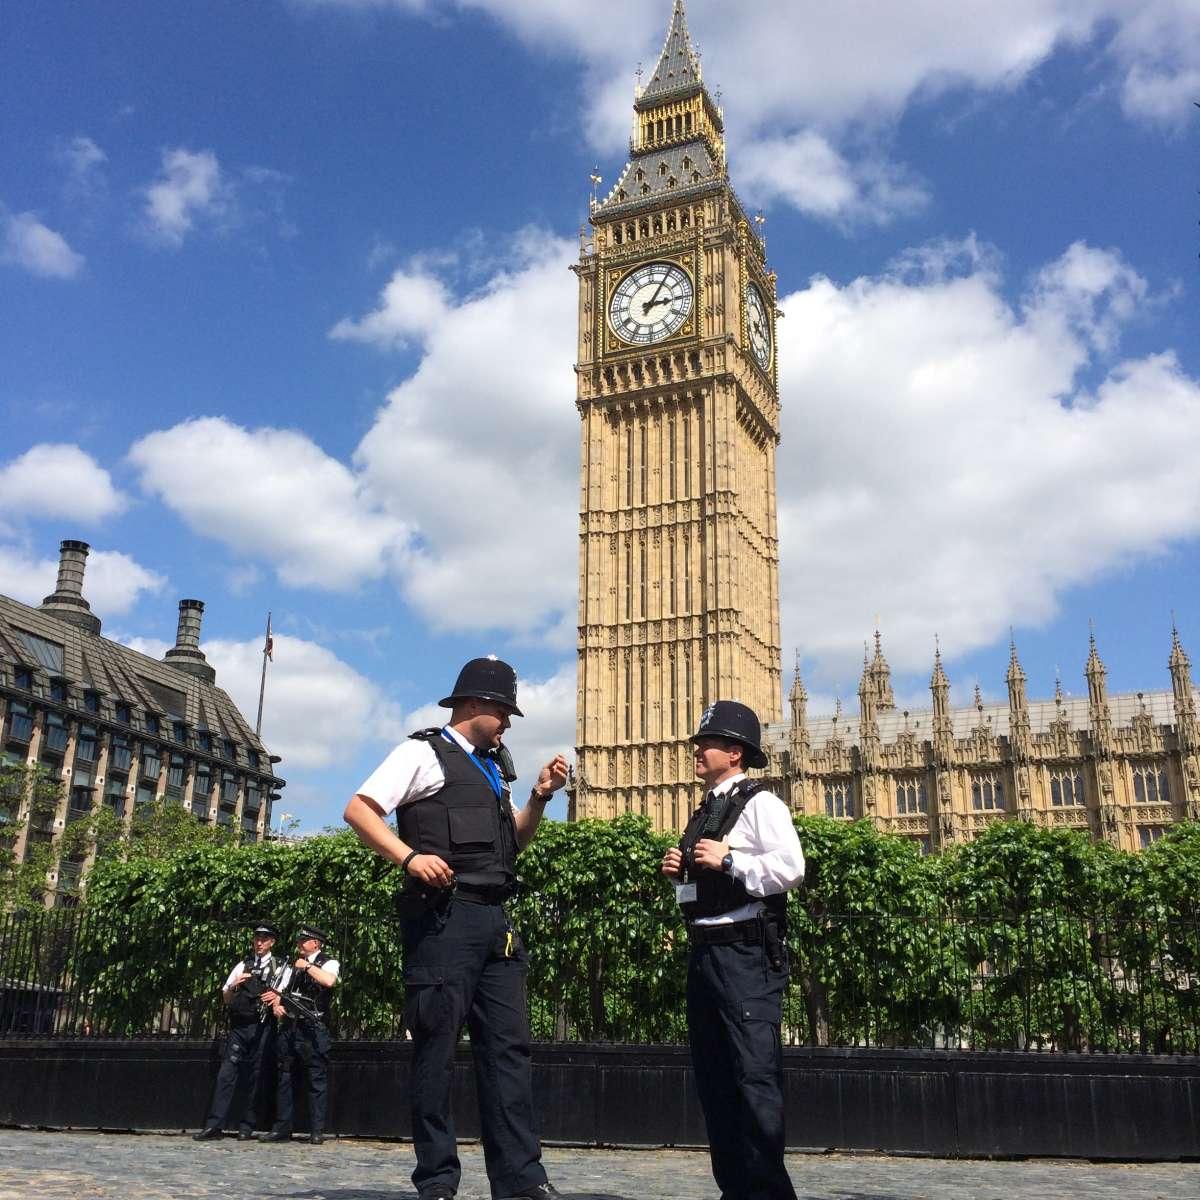 London policemen in front of Big Ben